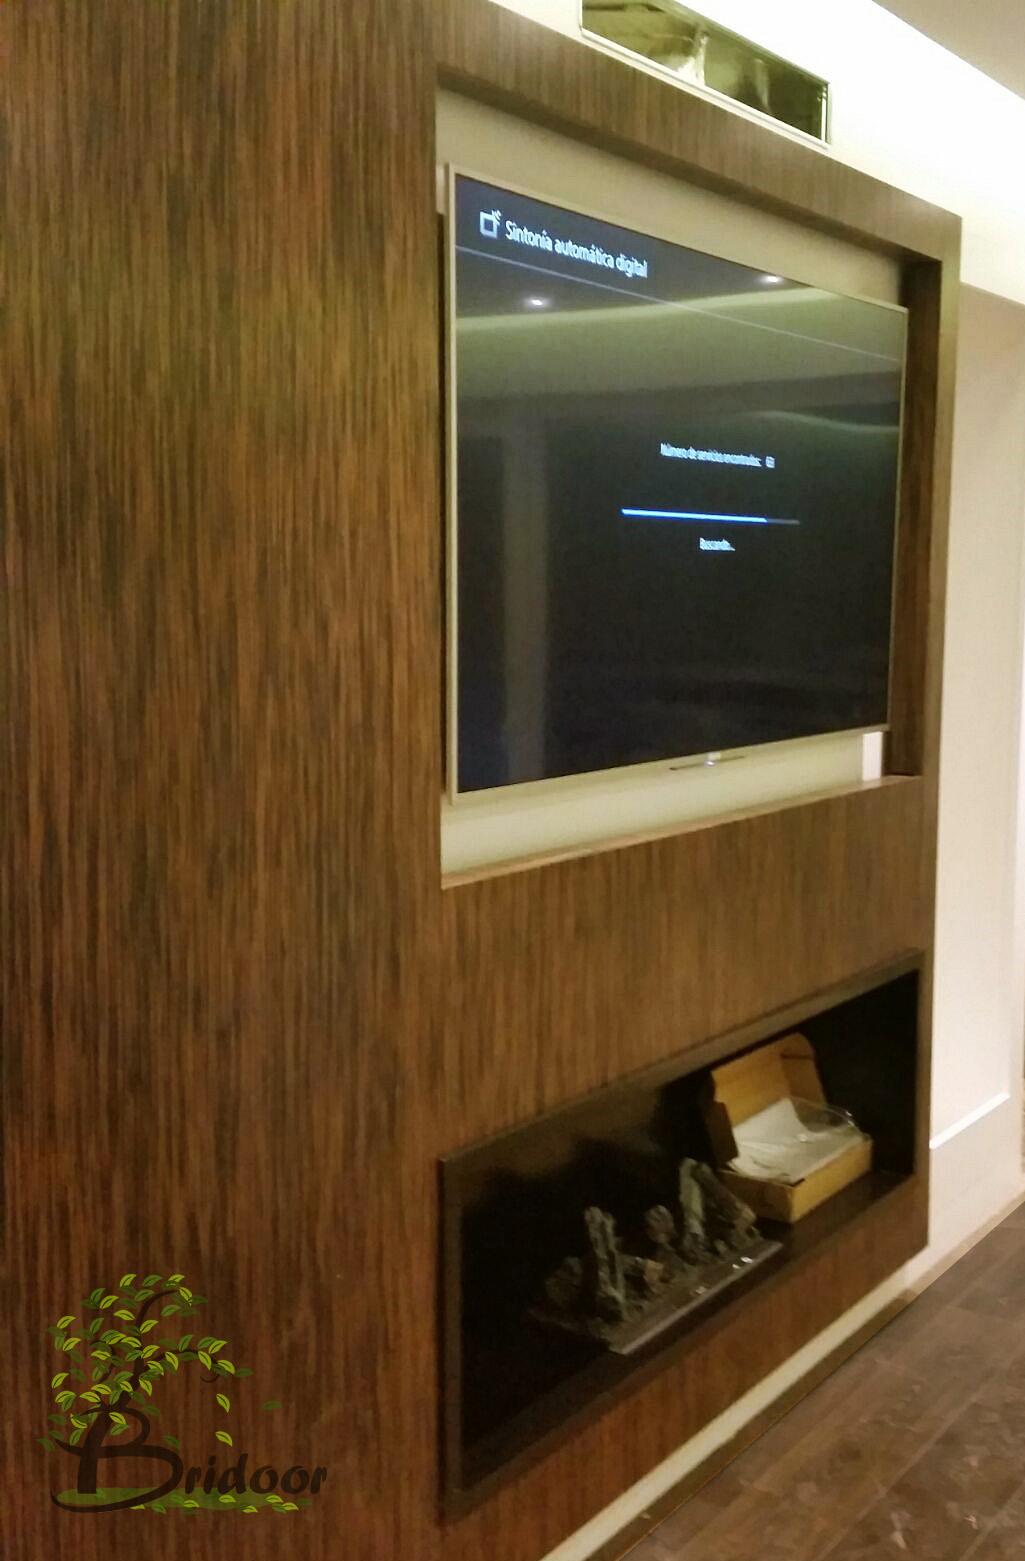 Bridoor Sl Panelado En Madera De Ebano Rojo Para Pared Television - Panelado-madera